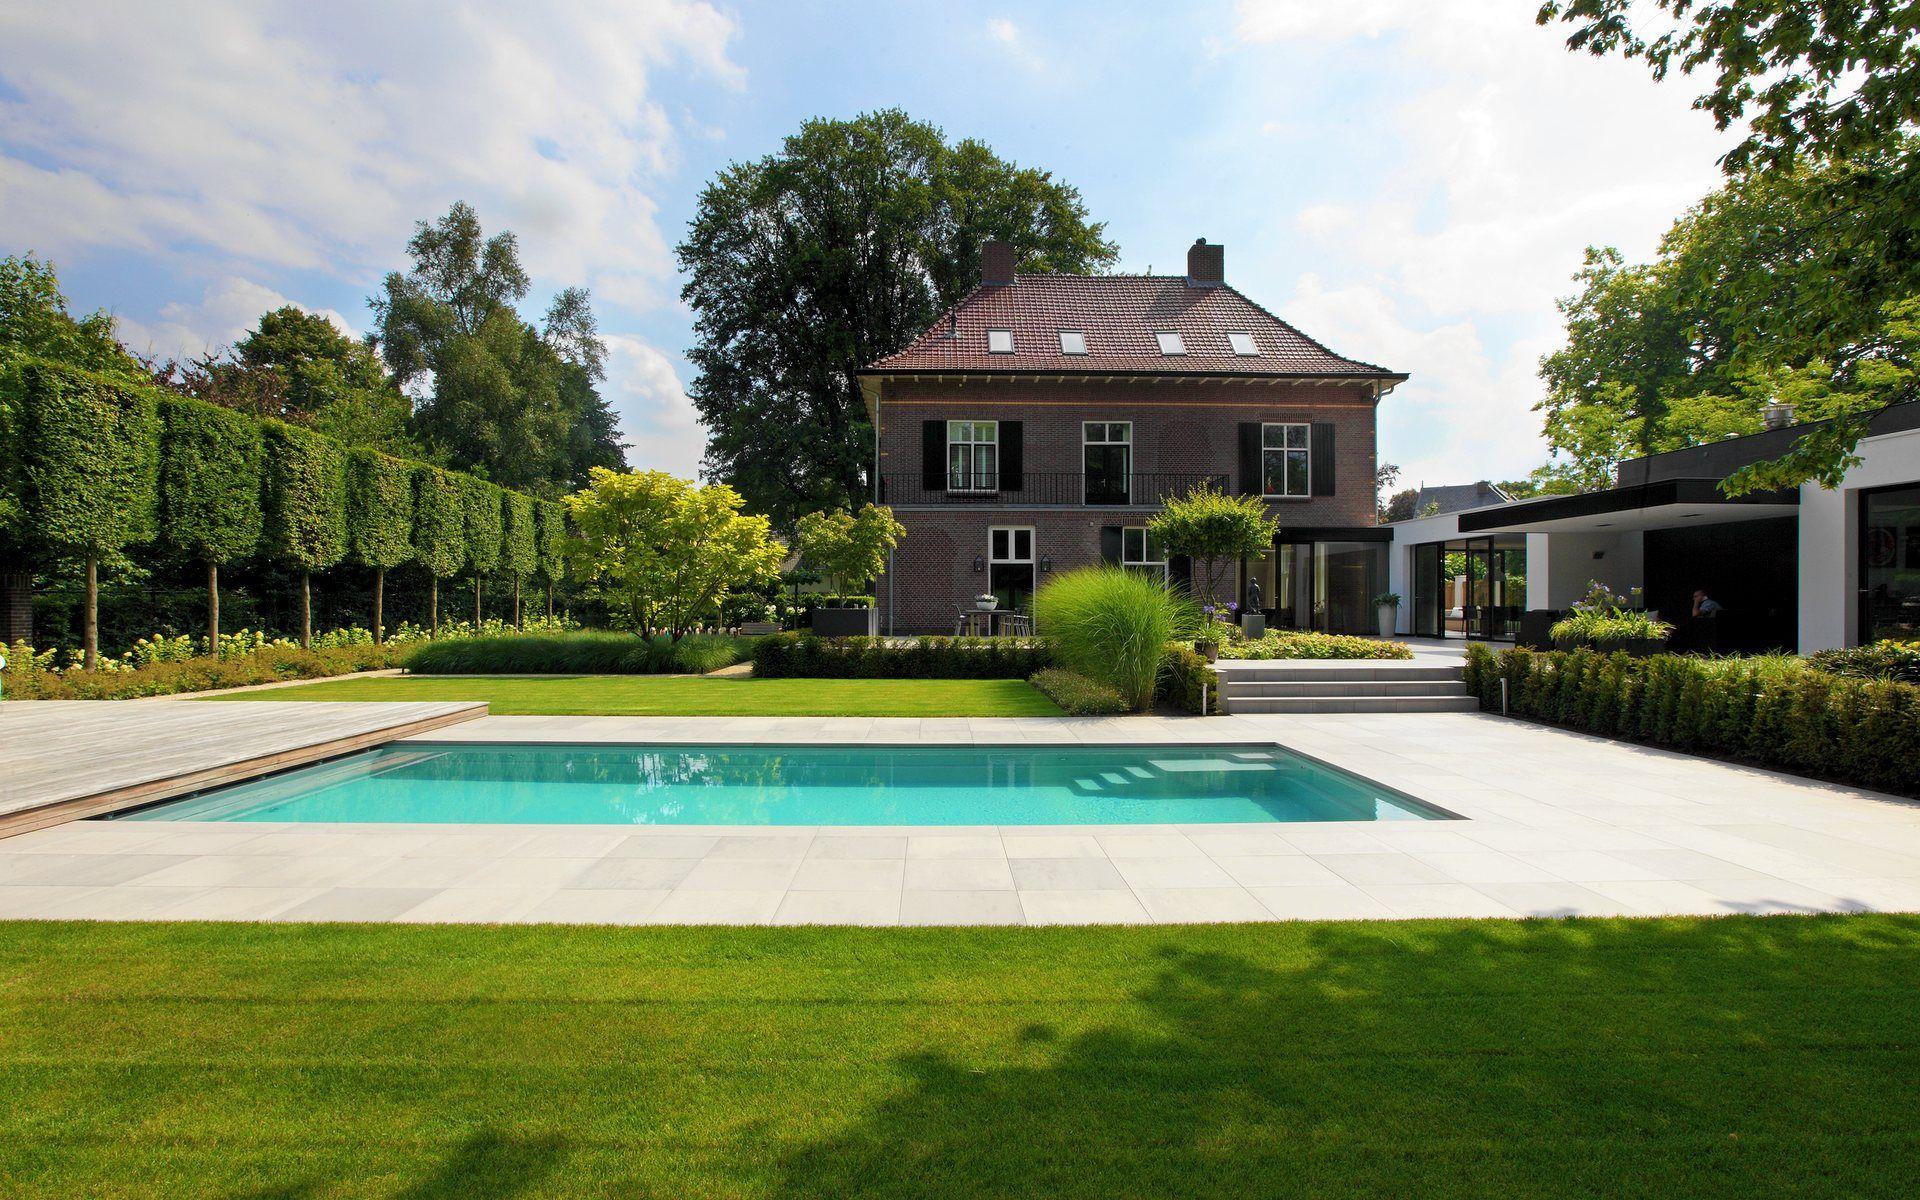 Grote Moderne Tuin : Grote moderne tuin met groot zwembad compass pools keramische